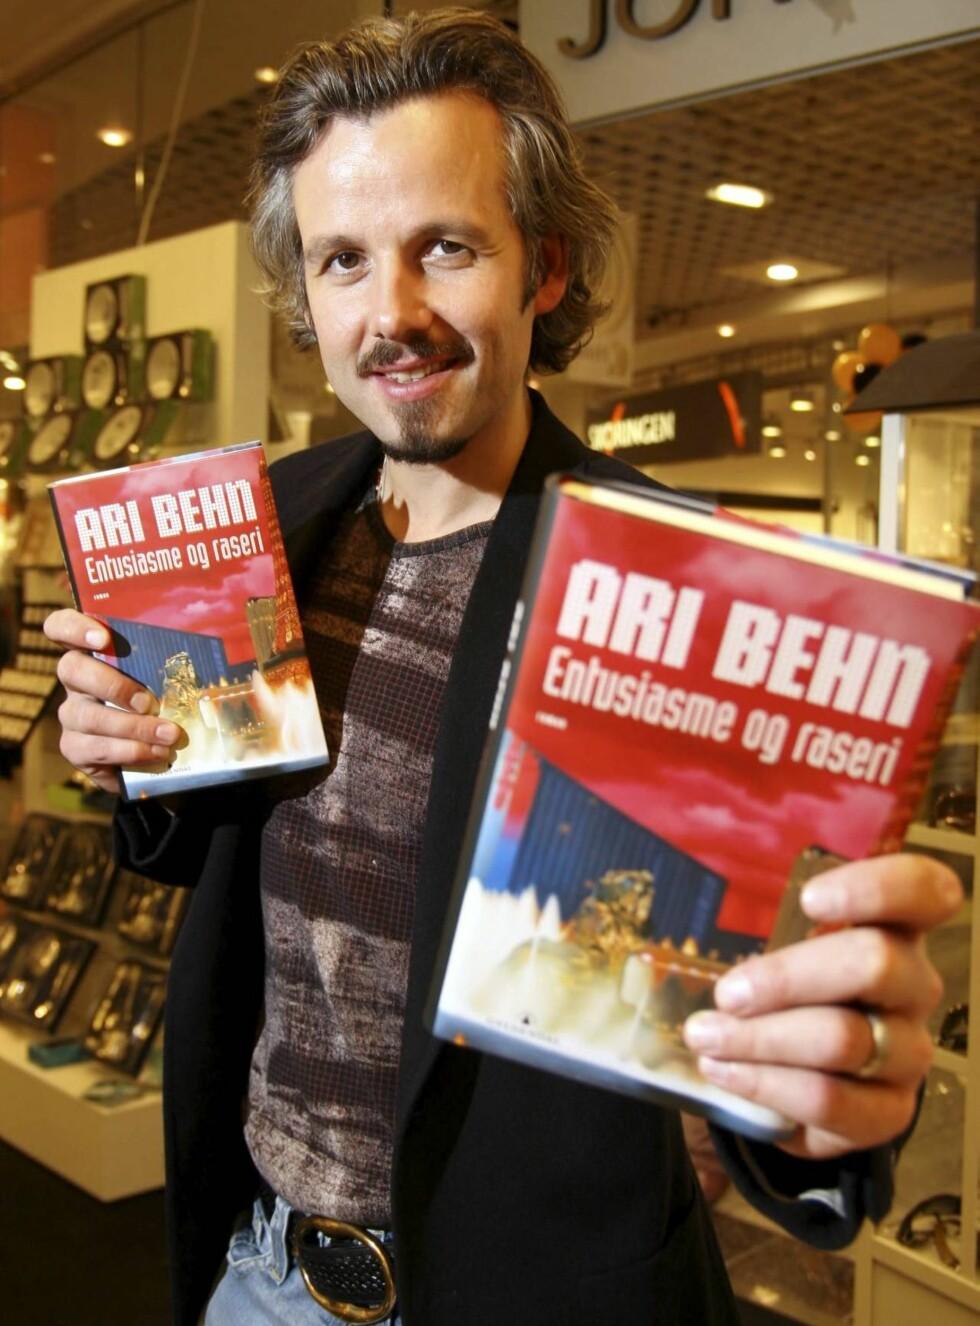 BOKSUKSESS: Ari Behns siste roman har trolig gitt ham millioninntekter. Foto: Morten Krogh, Se og Hør